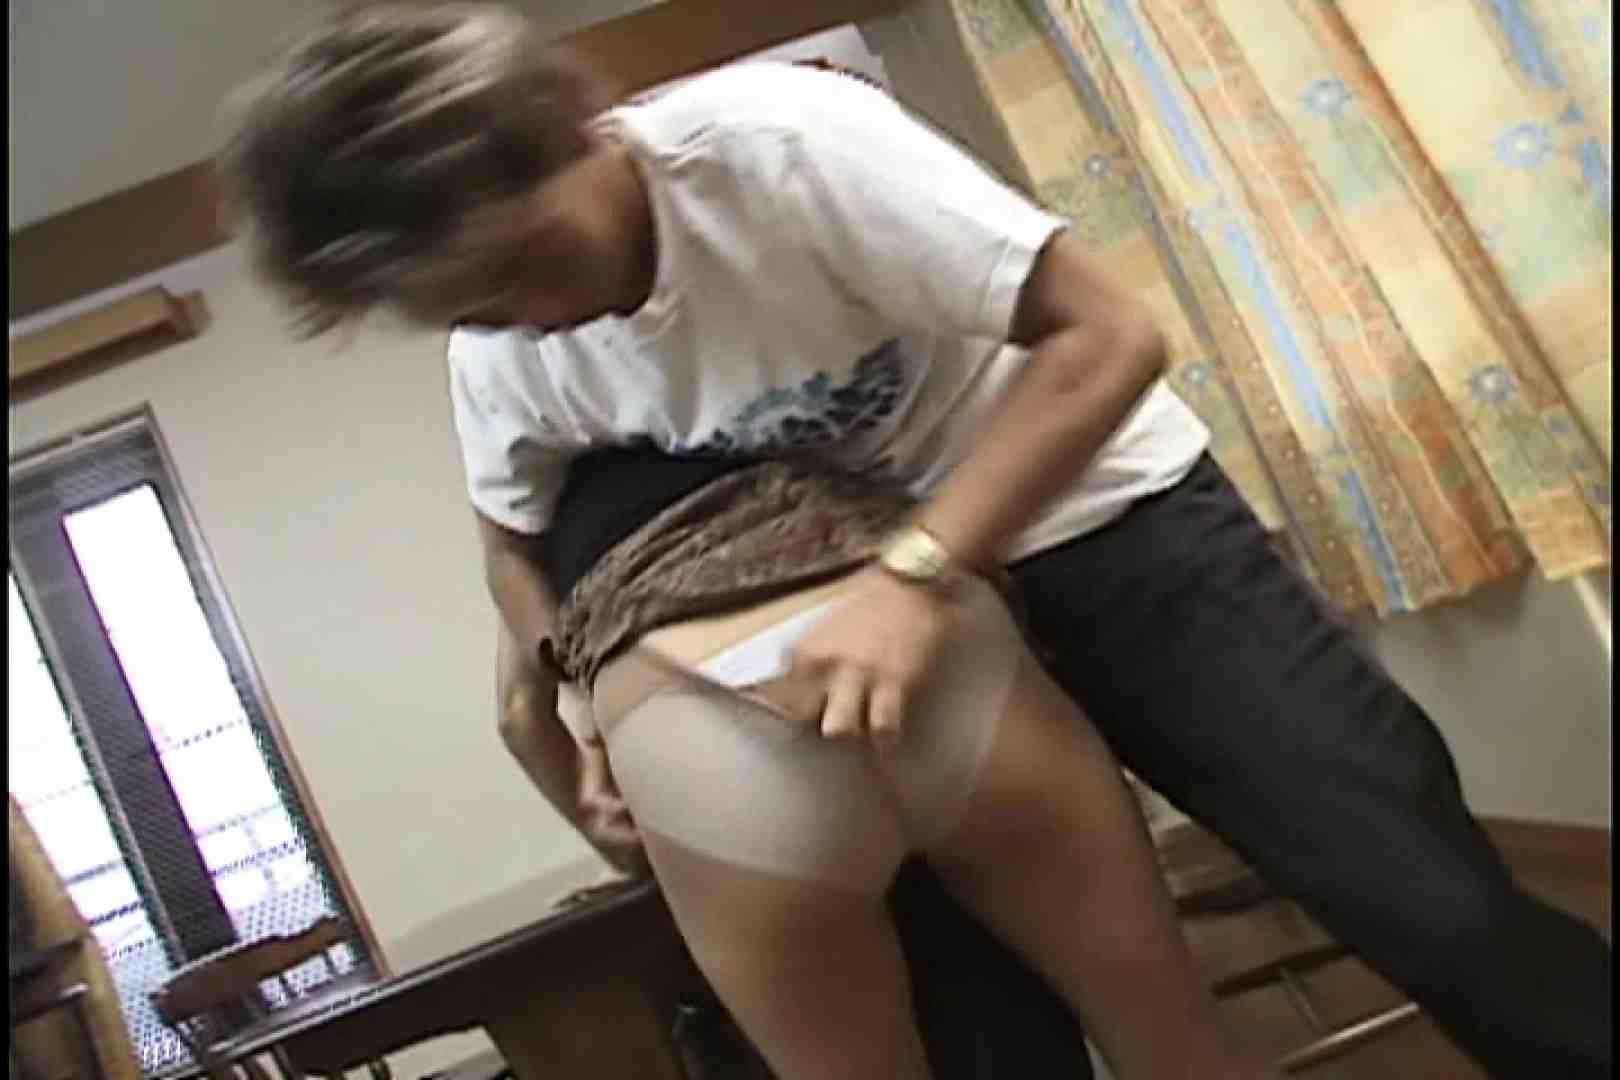 昼間の奥様は欲求不満 ~渡辺亜矢~ エッチな熟女 エロ画像 74pic 23